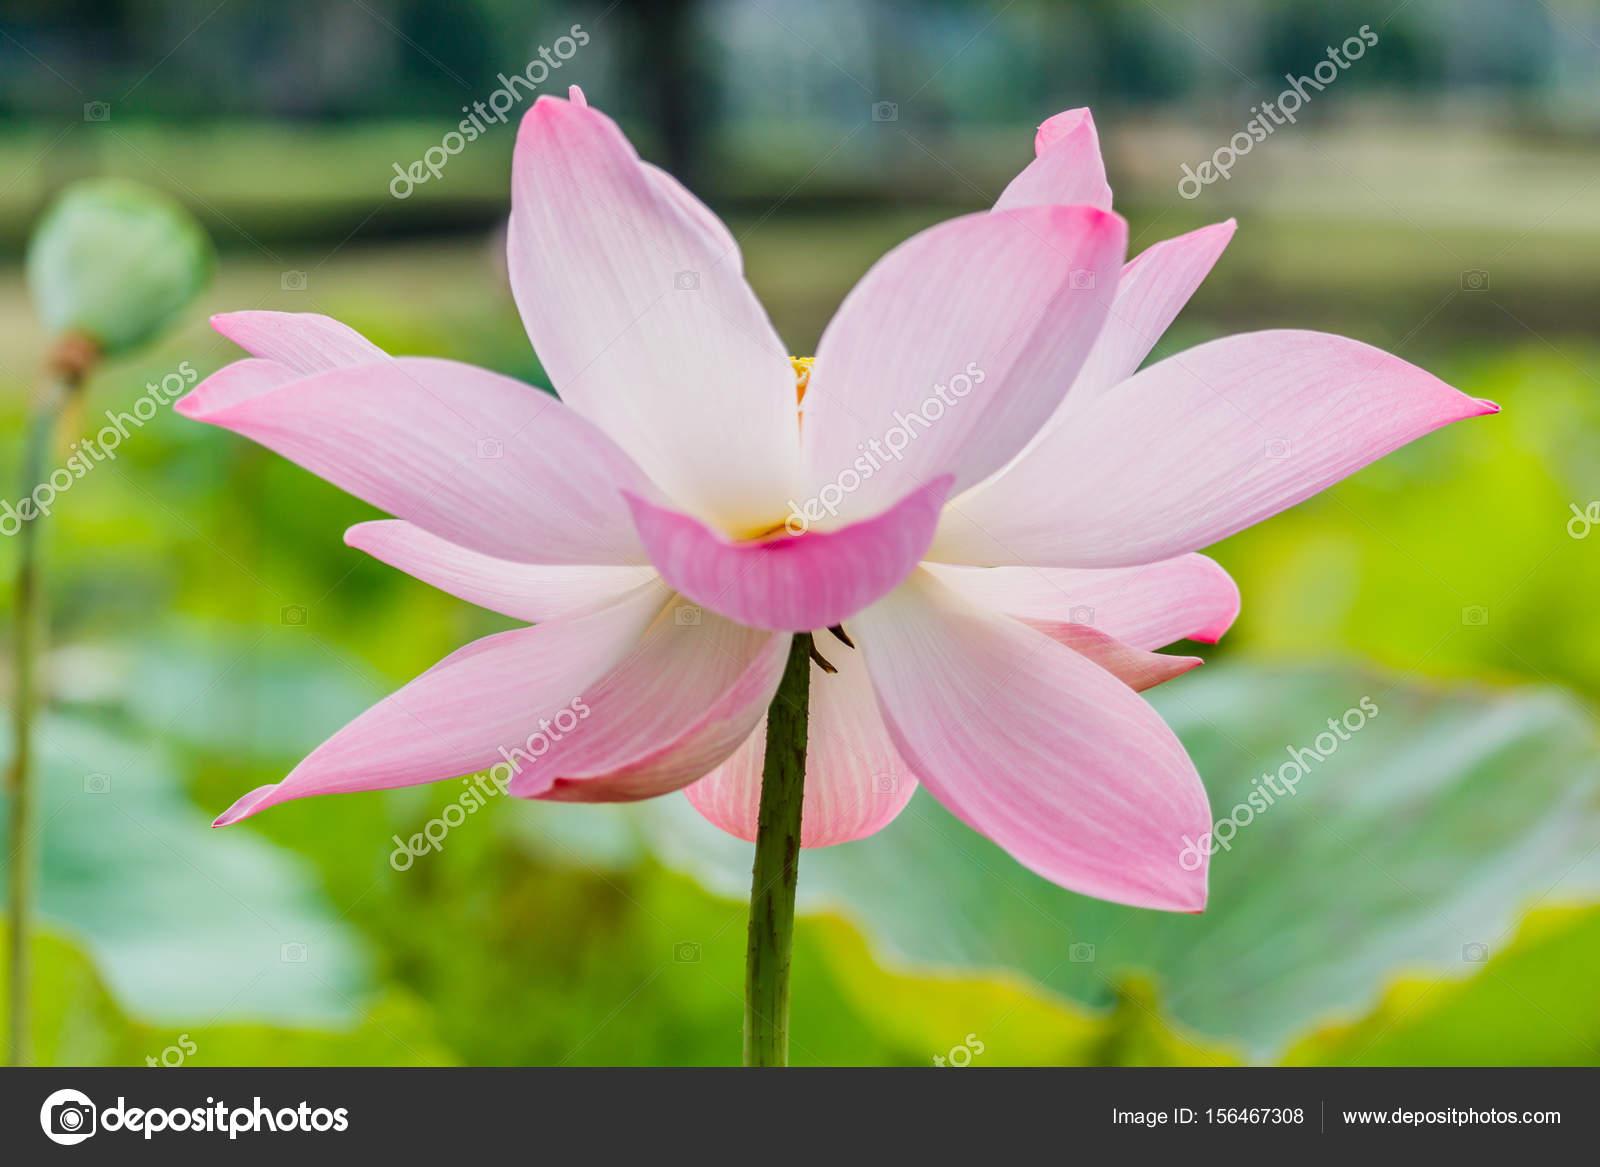 Beautiful pink waterlily or lotus flower in pond stock photo beautiful pink waterlily or lotus flower in pond photo by sanpom mightylinksfo